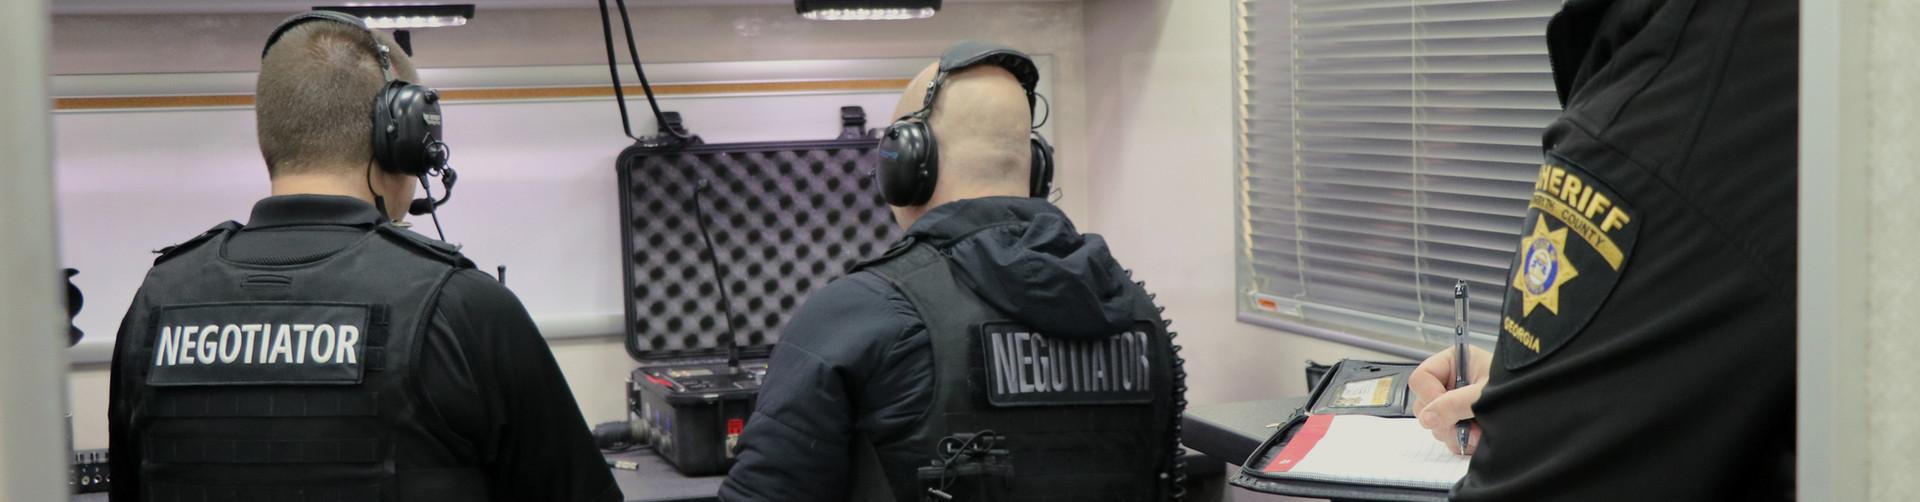 FCSO NEGOTIATOR